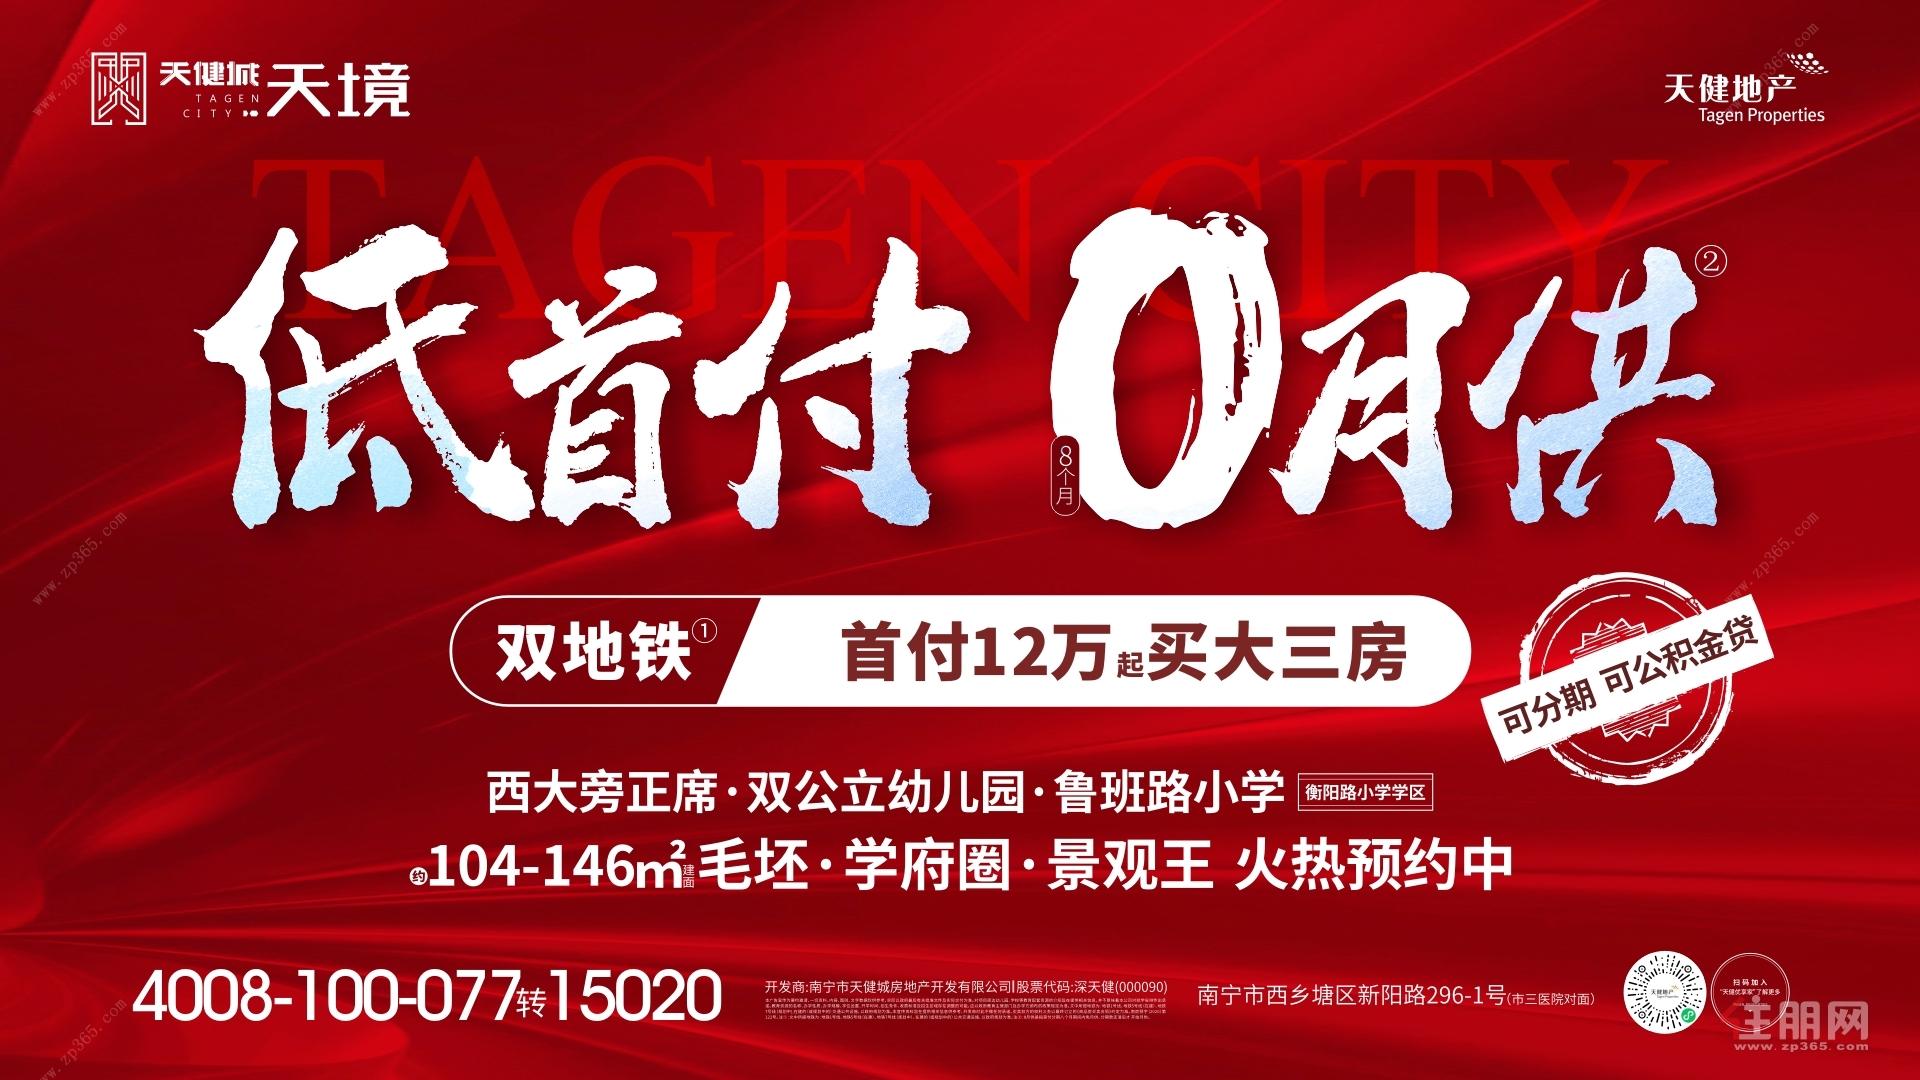 2021年1月20日西鄉塘看房團:天健城·天境